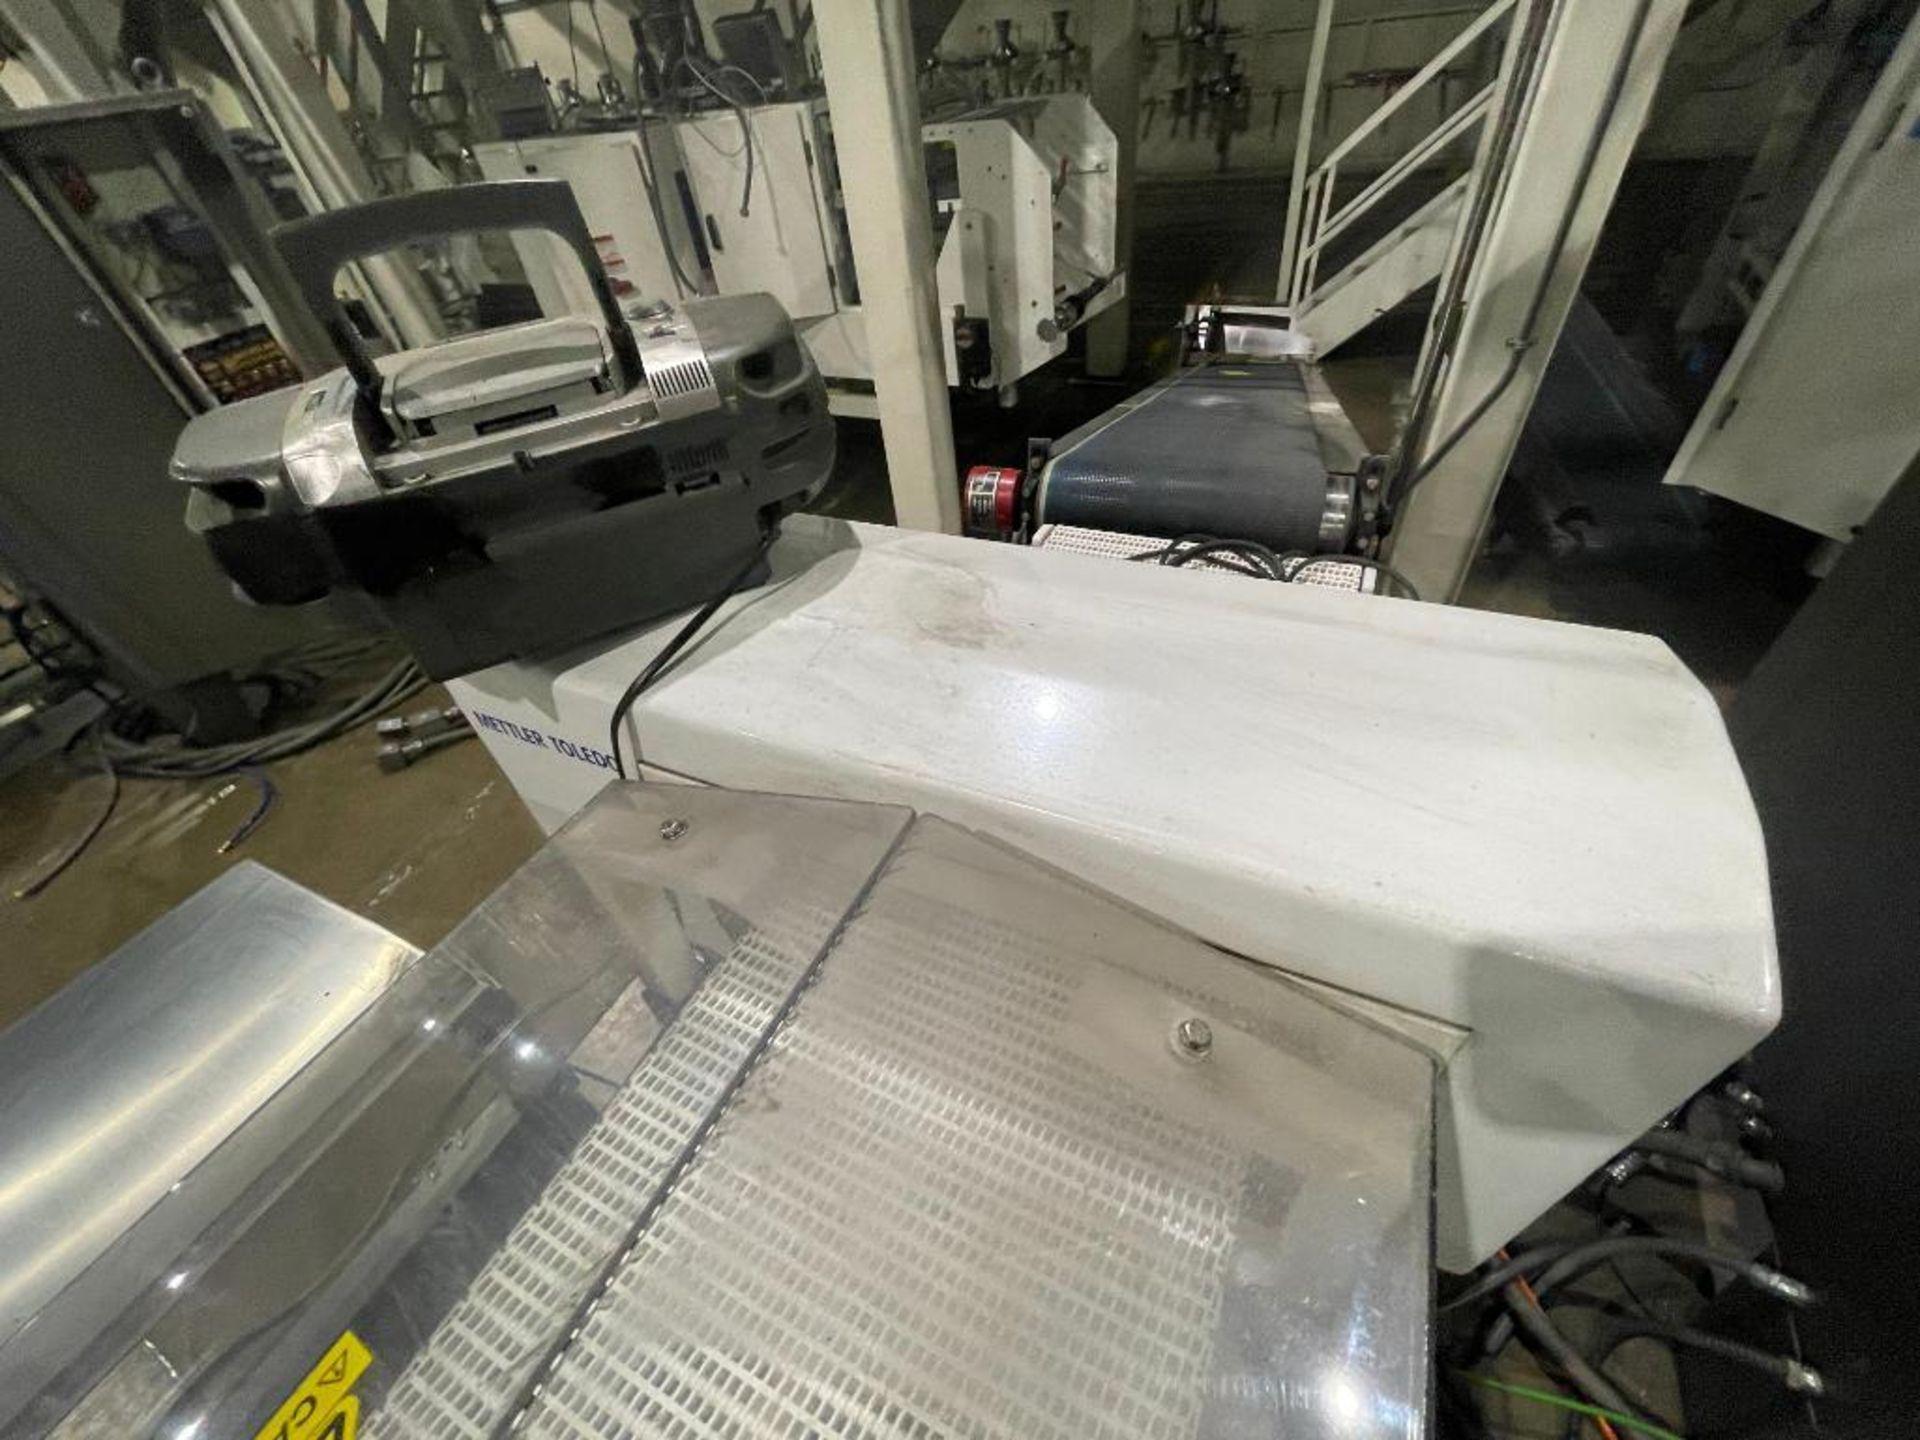 2016 Mettler Toledo metal detector, model SL1500 - Image 13 of 16